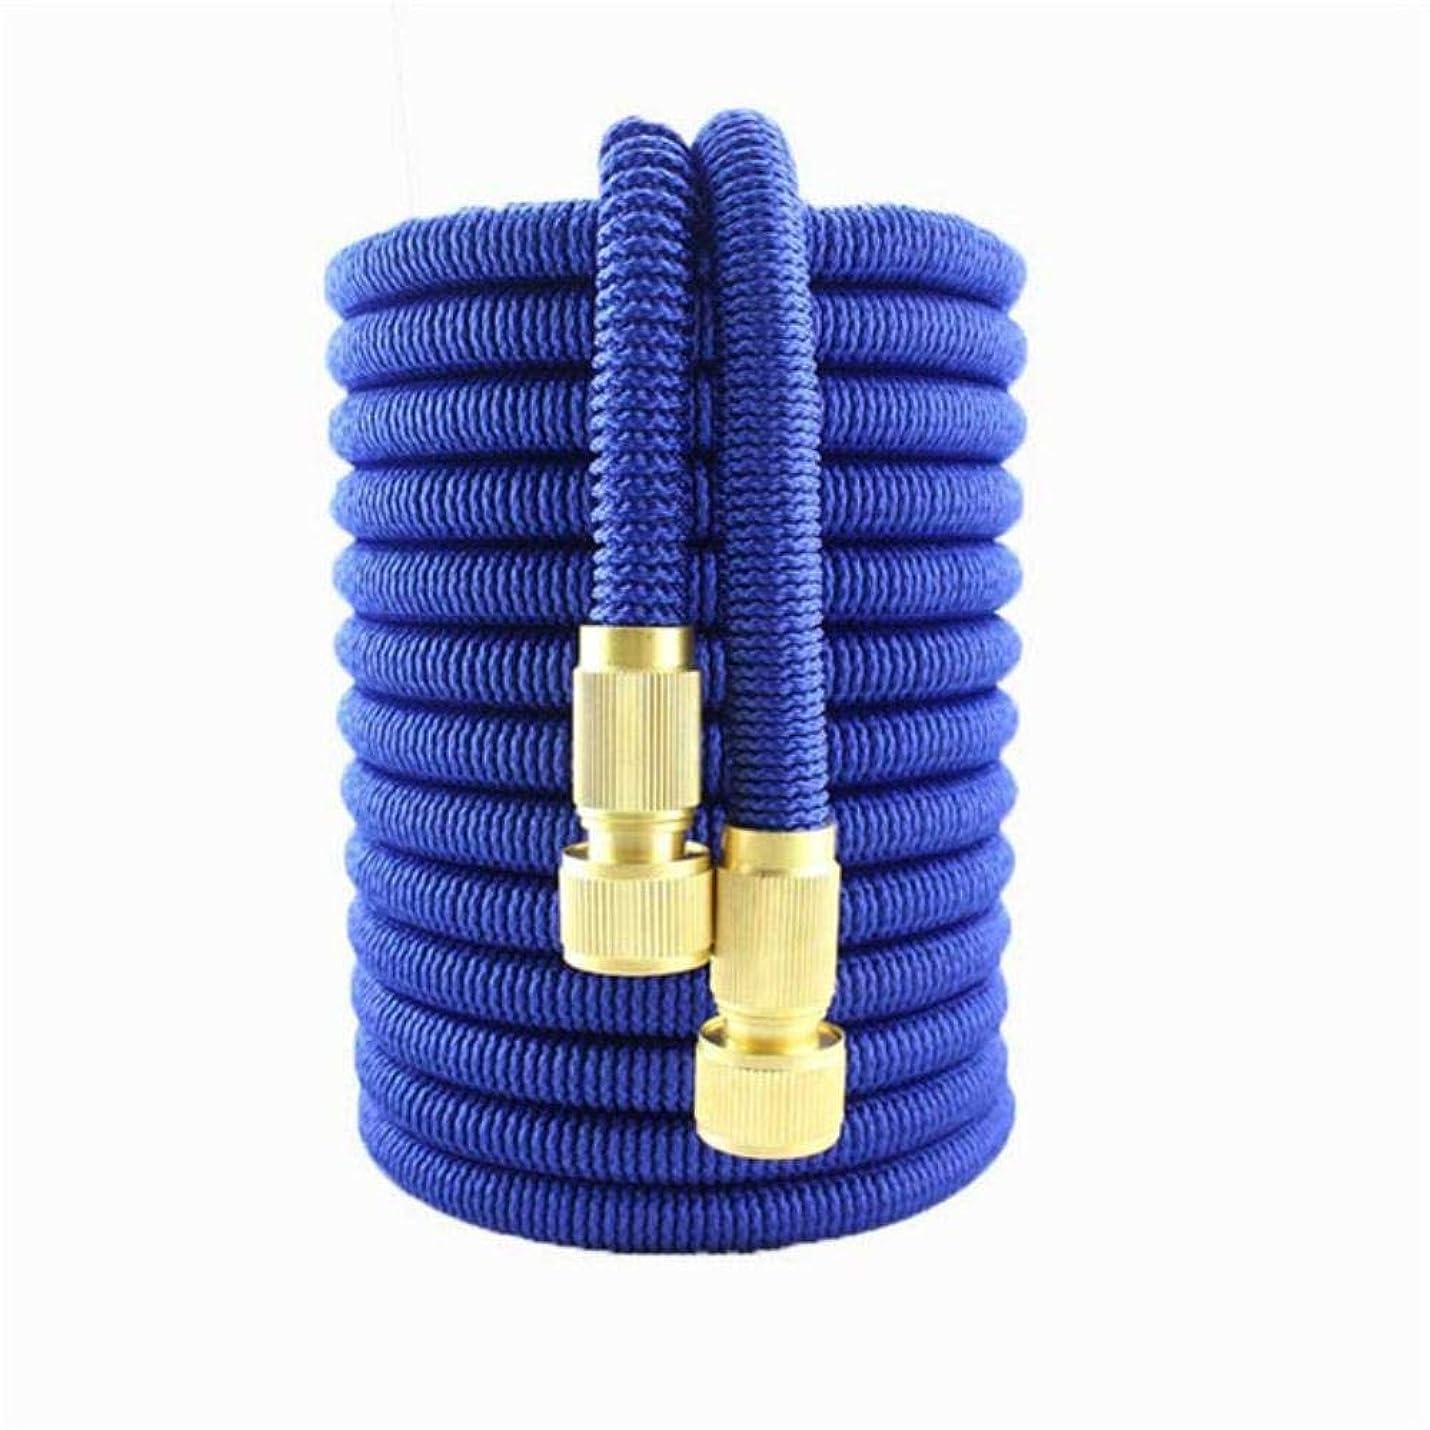 表向き公式公式散水用品、75Ftのガーデンホース拡張可能な25-100Ft柔軟な高圧カーウォッシュ